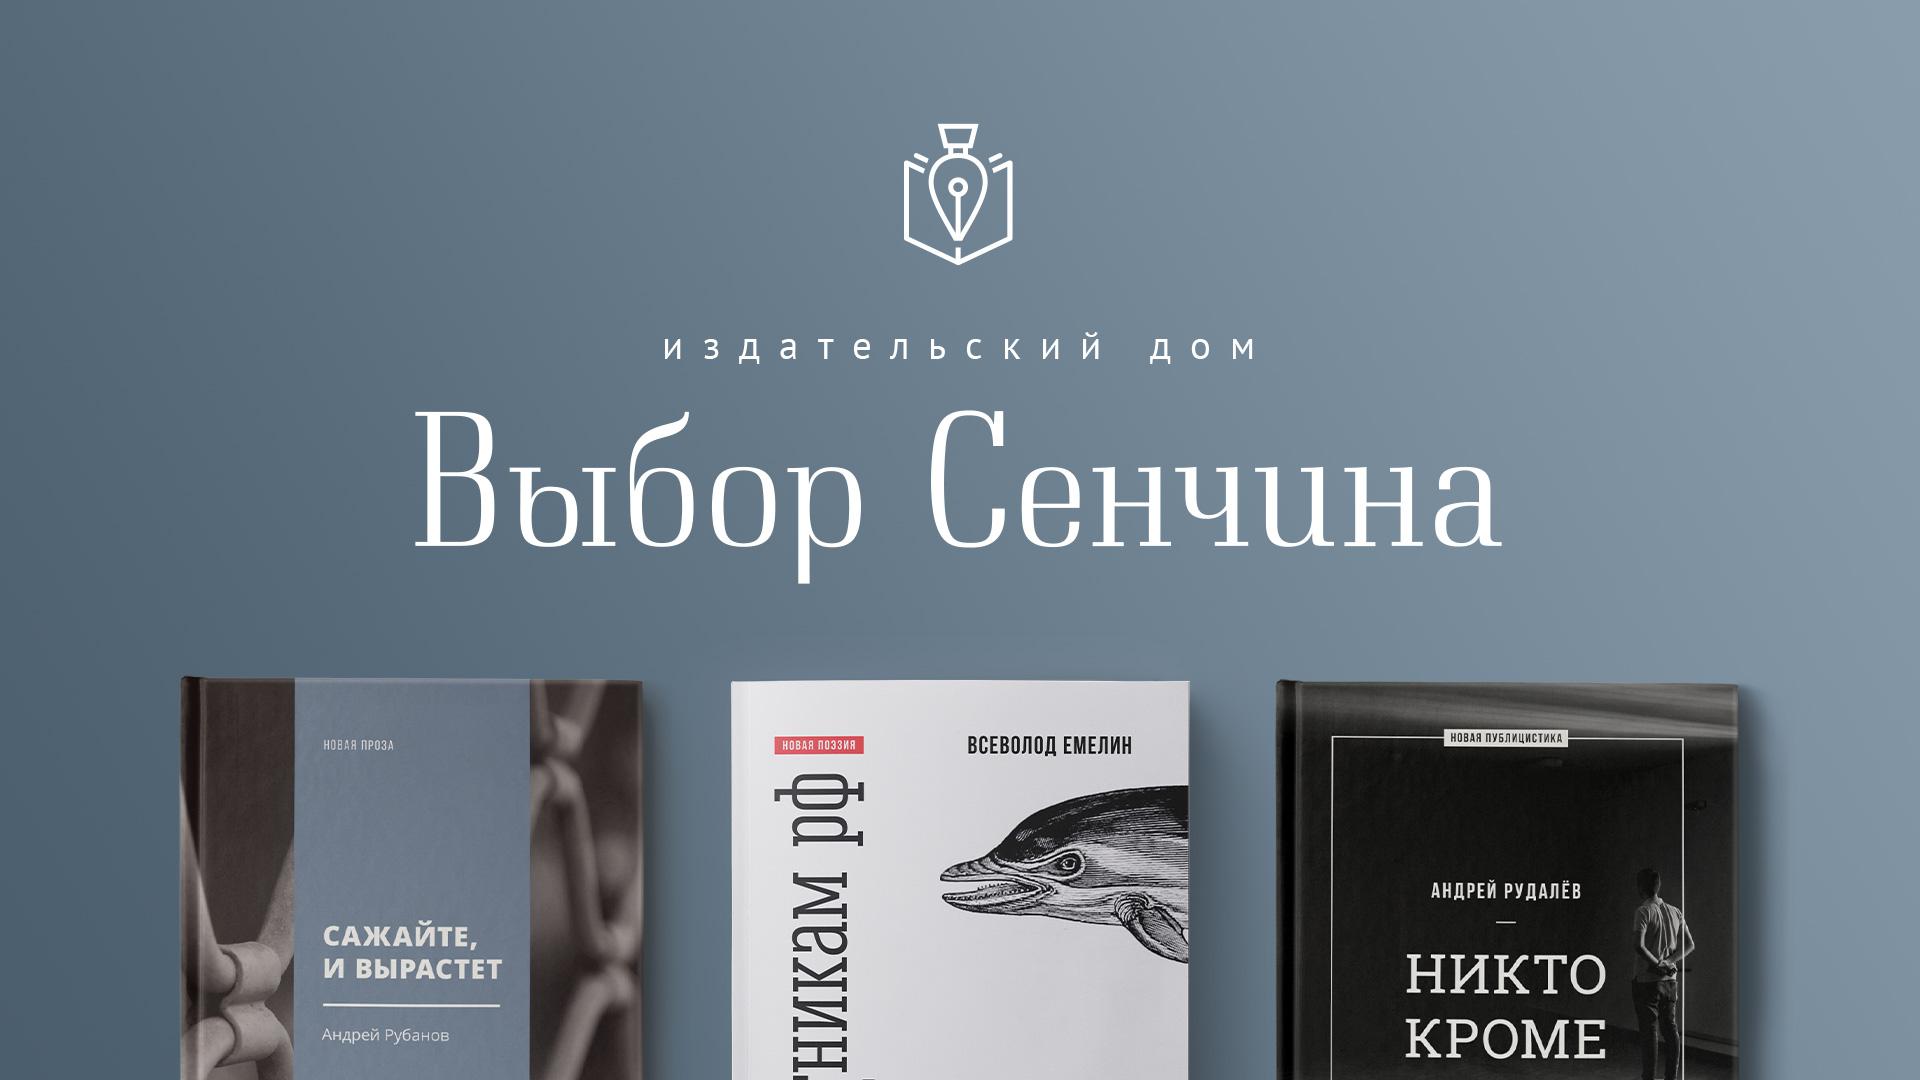 Андрей Рубанов - Сажайте, и вырастет читать онлайн 10